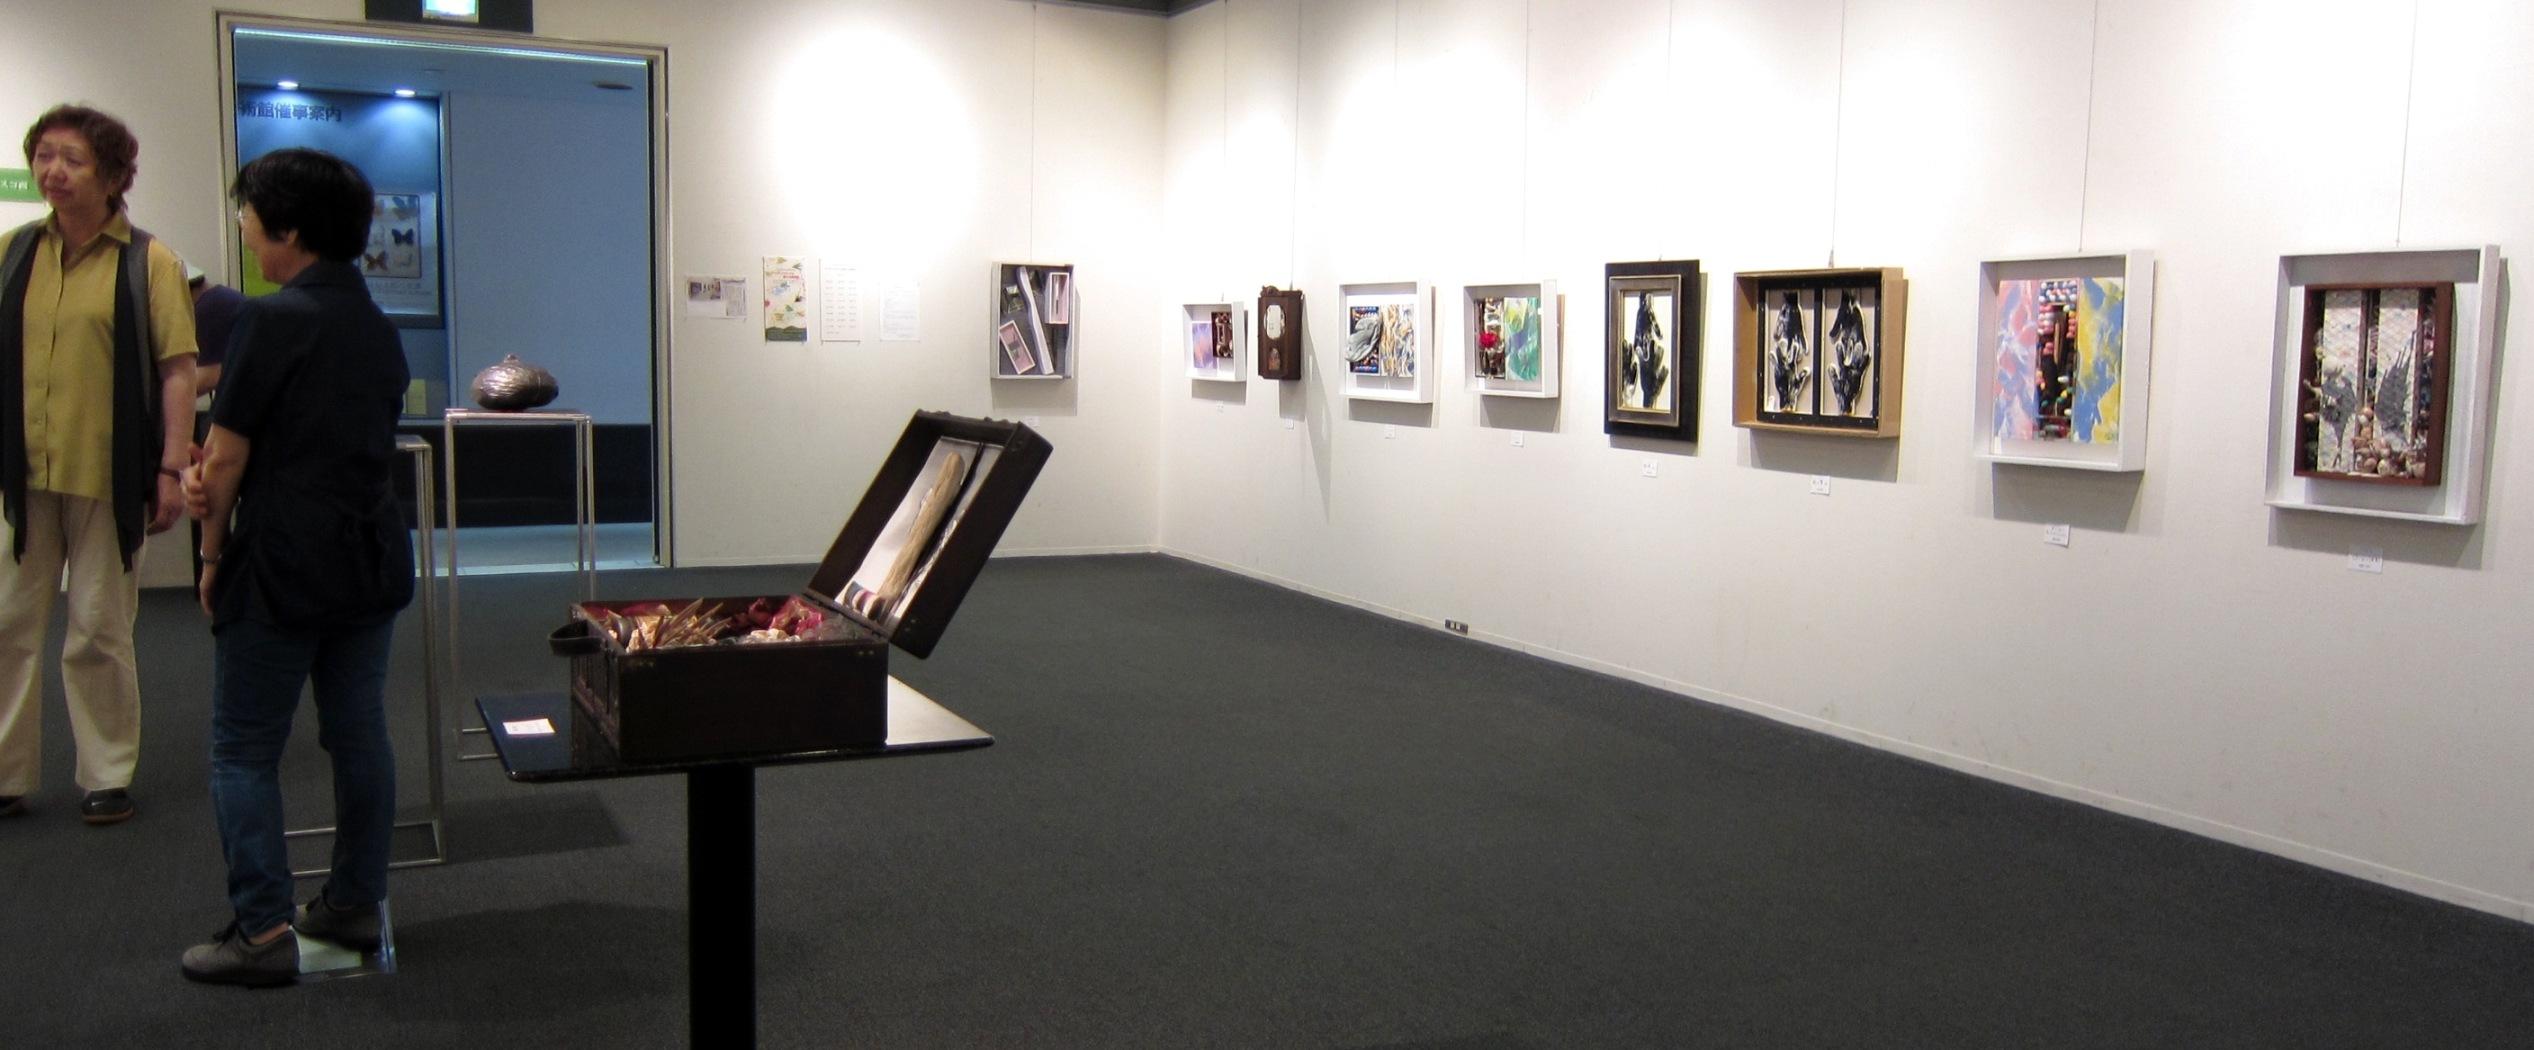 2156)「日本美術家連盟北海道地区 アーティストによる拡げる表現展」スカイ. 終了8月13日(火)~8月18日(日)_f0126829_1273360.jpg